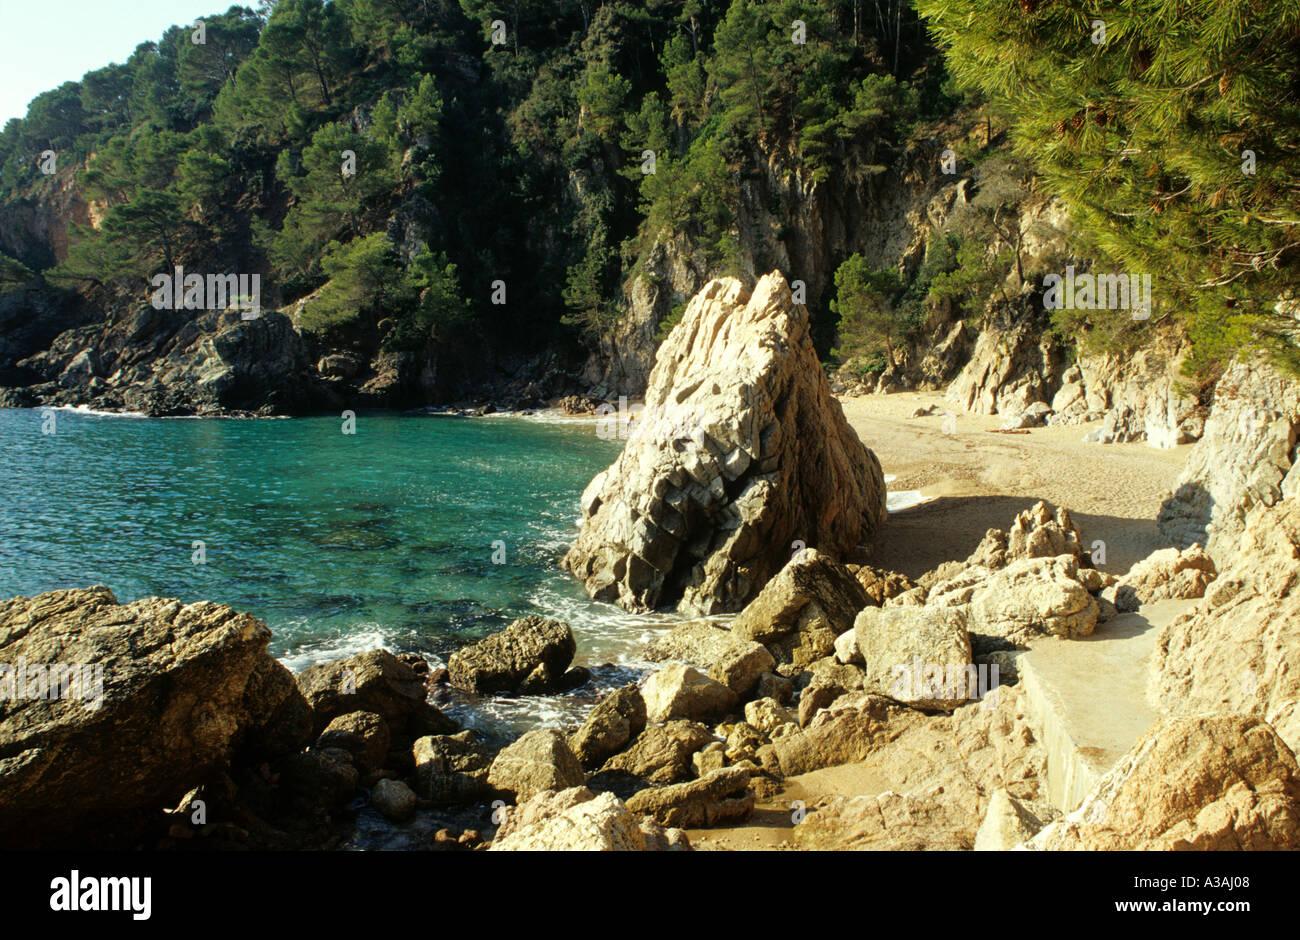 In Spagna, in Catalogna, Costa Brava, bordo d'acqua Immagini Stock